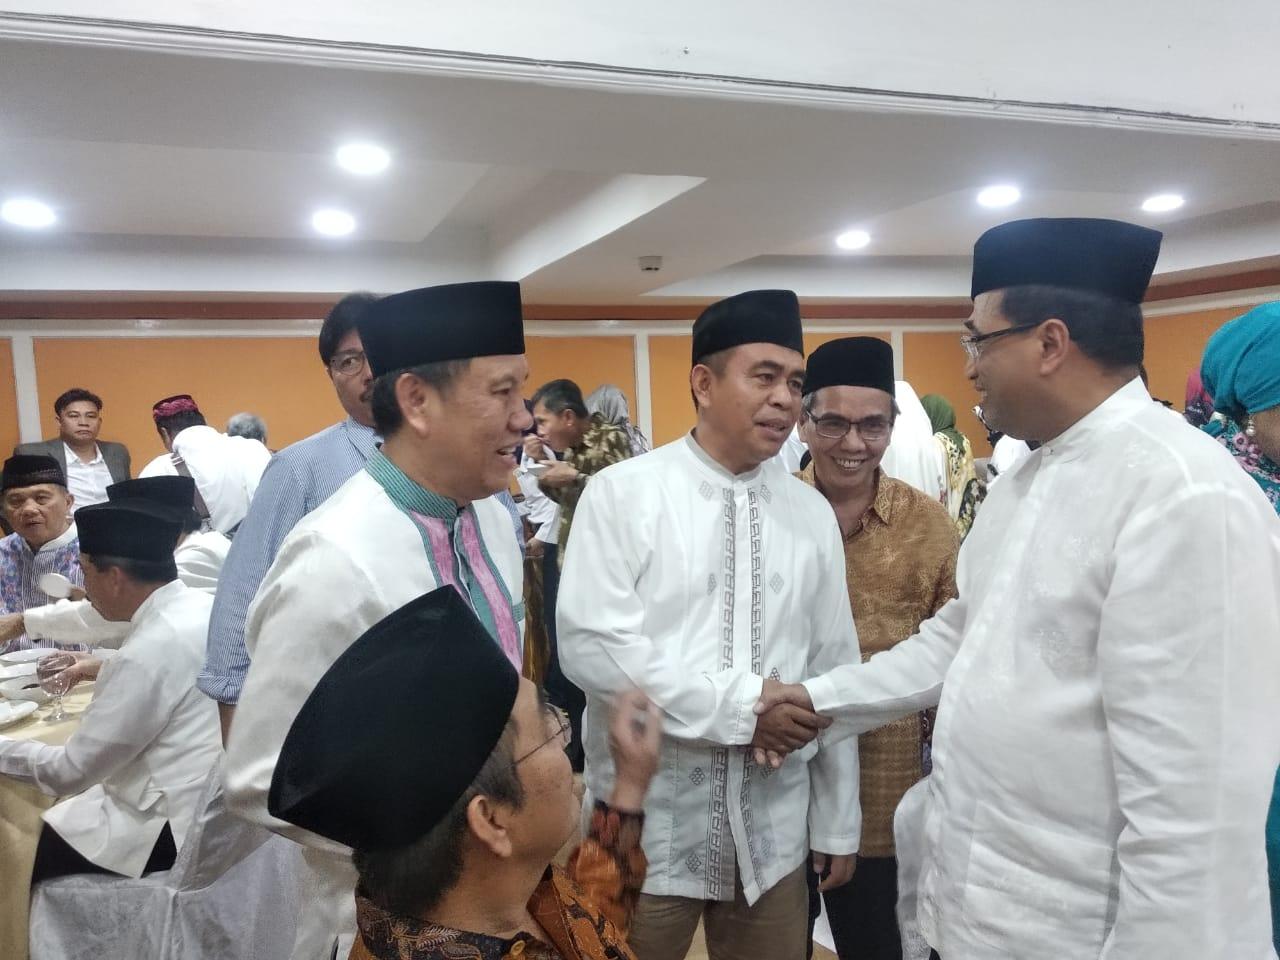 Bustami Zainudin saat pertemuan BKMS berbincang dengan Menhub Budi Karya Sumadi dan Jimly Ashiddigie di Jakarta, Selasa (14/5/2019). Foto Istimewa